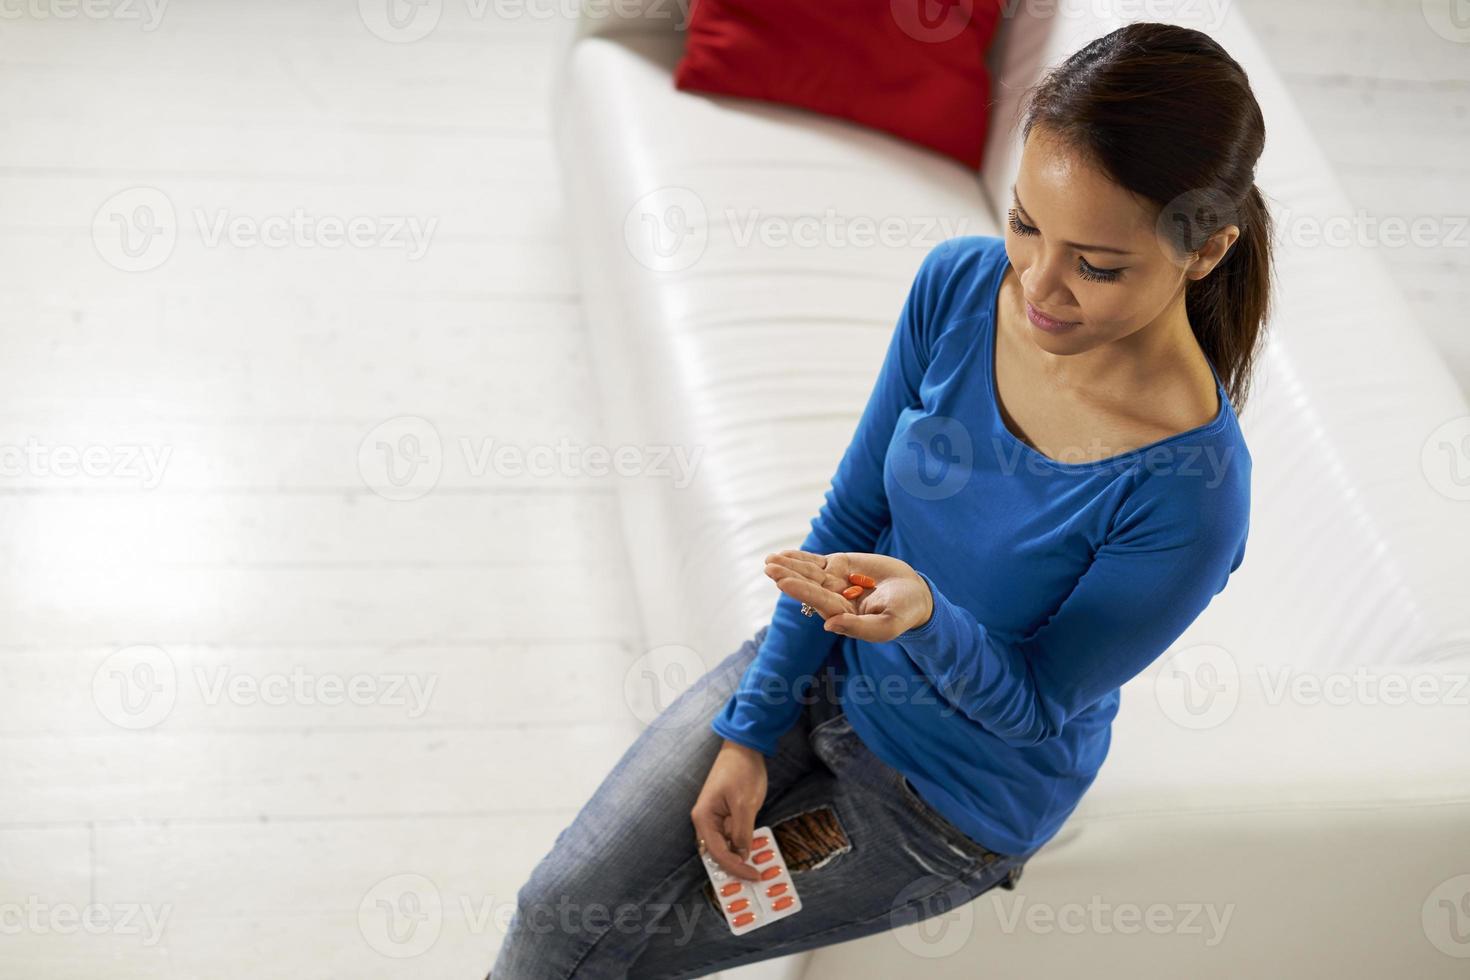 pillole asiatiche della holding della donna e medicina a disposizione foto